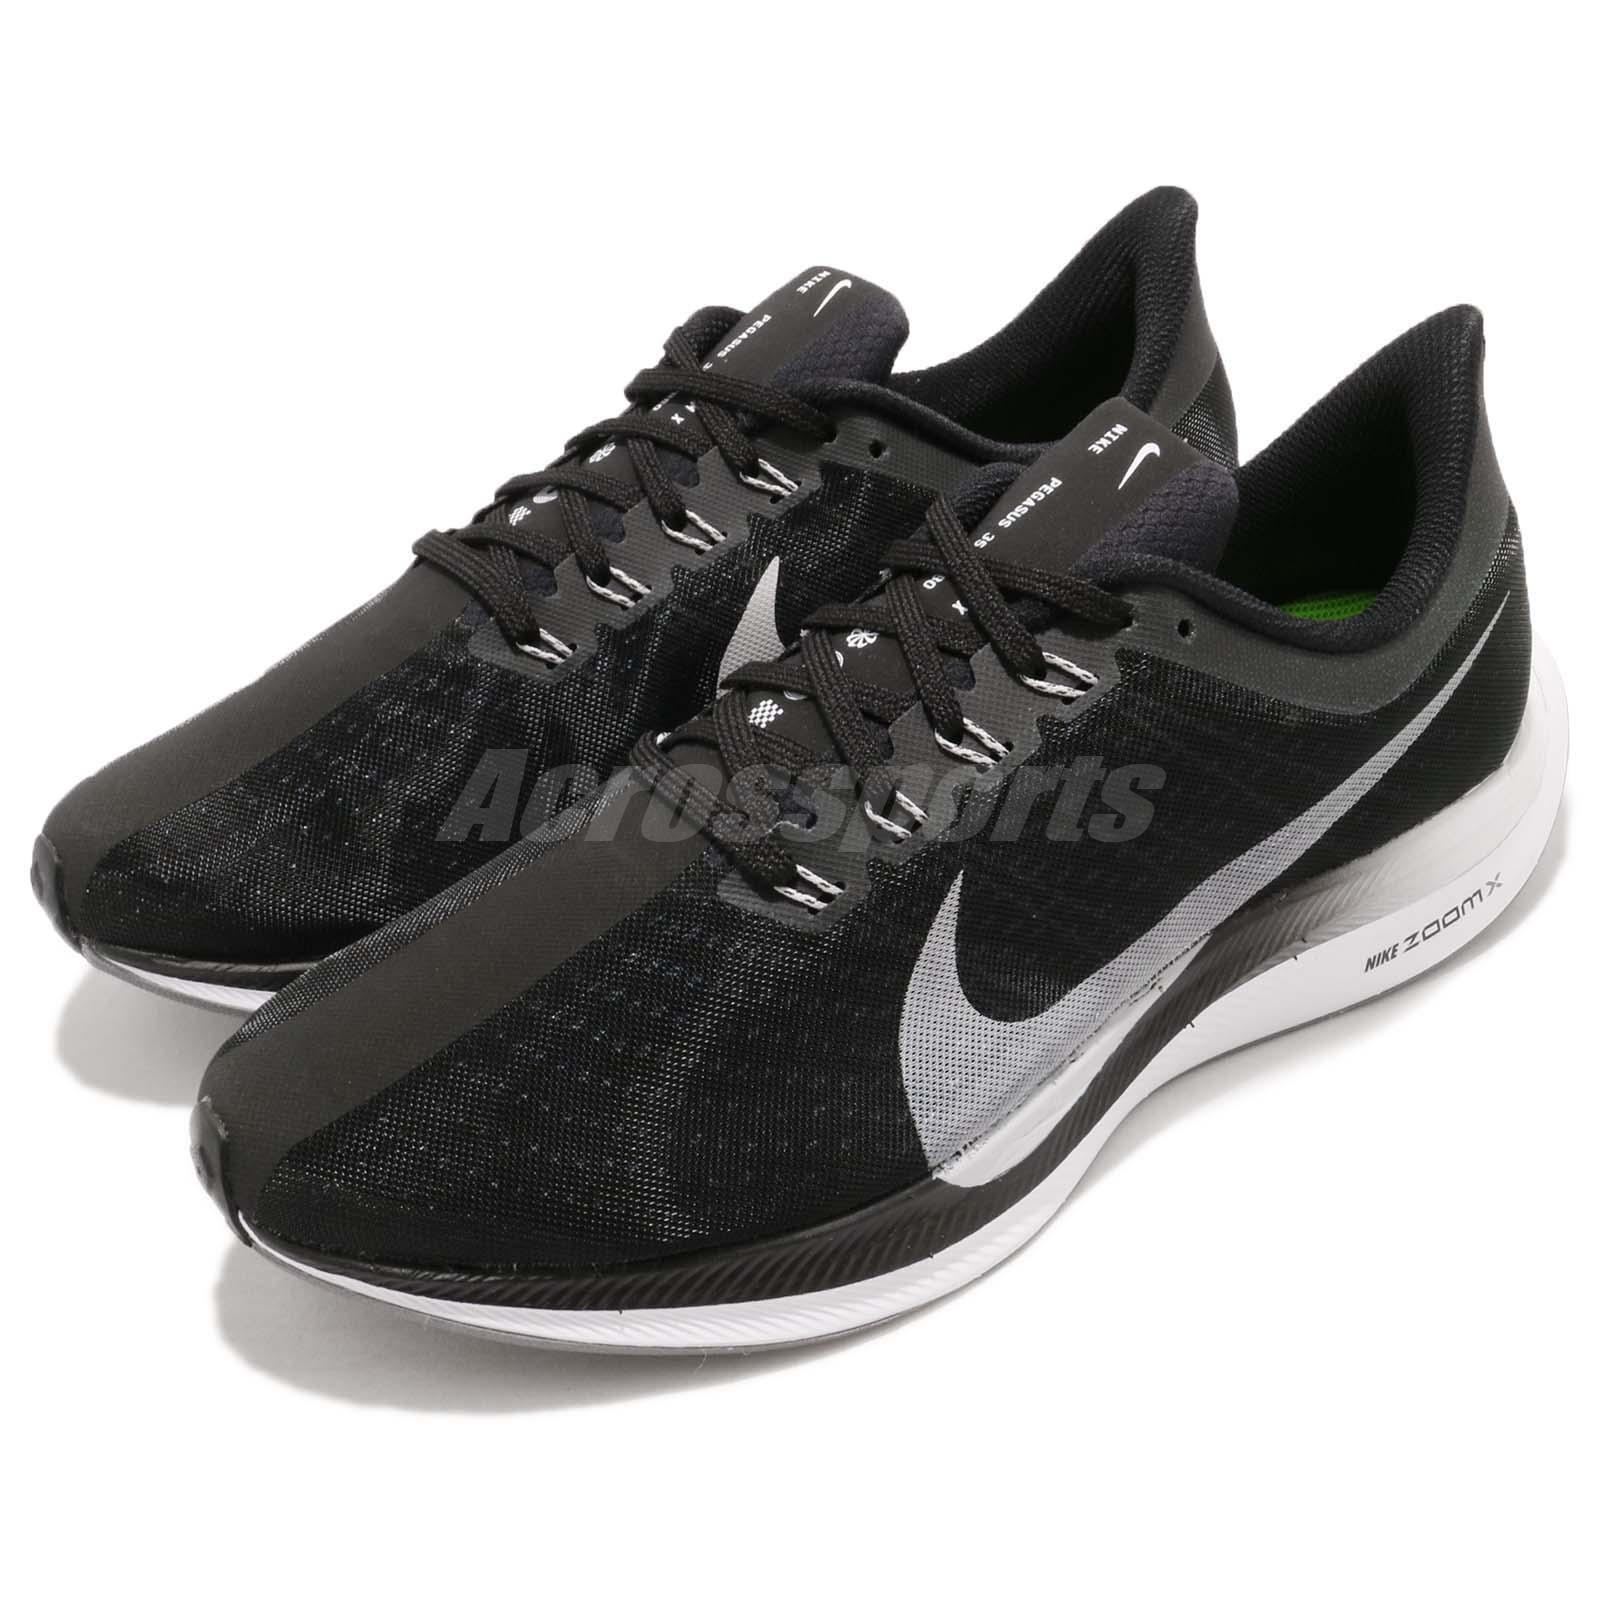 Nike Zoom Pegasus 35 Turbo Noir Vast Gris ZoomX Hommes Running Chaussures AJ4114-001